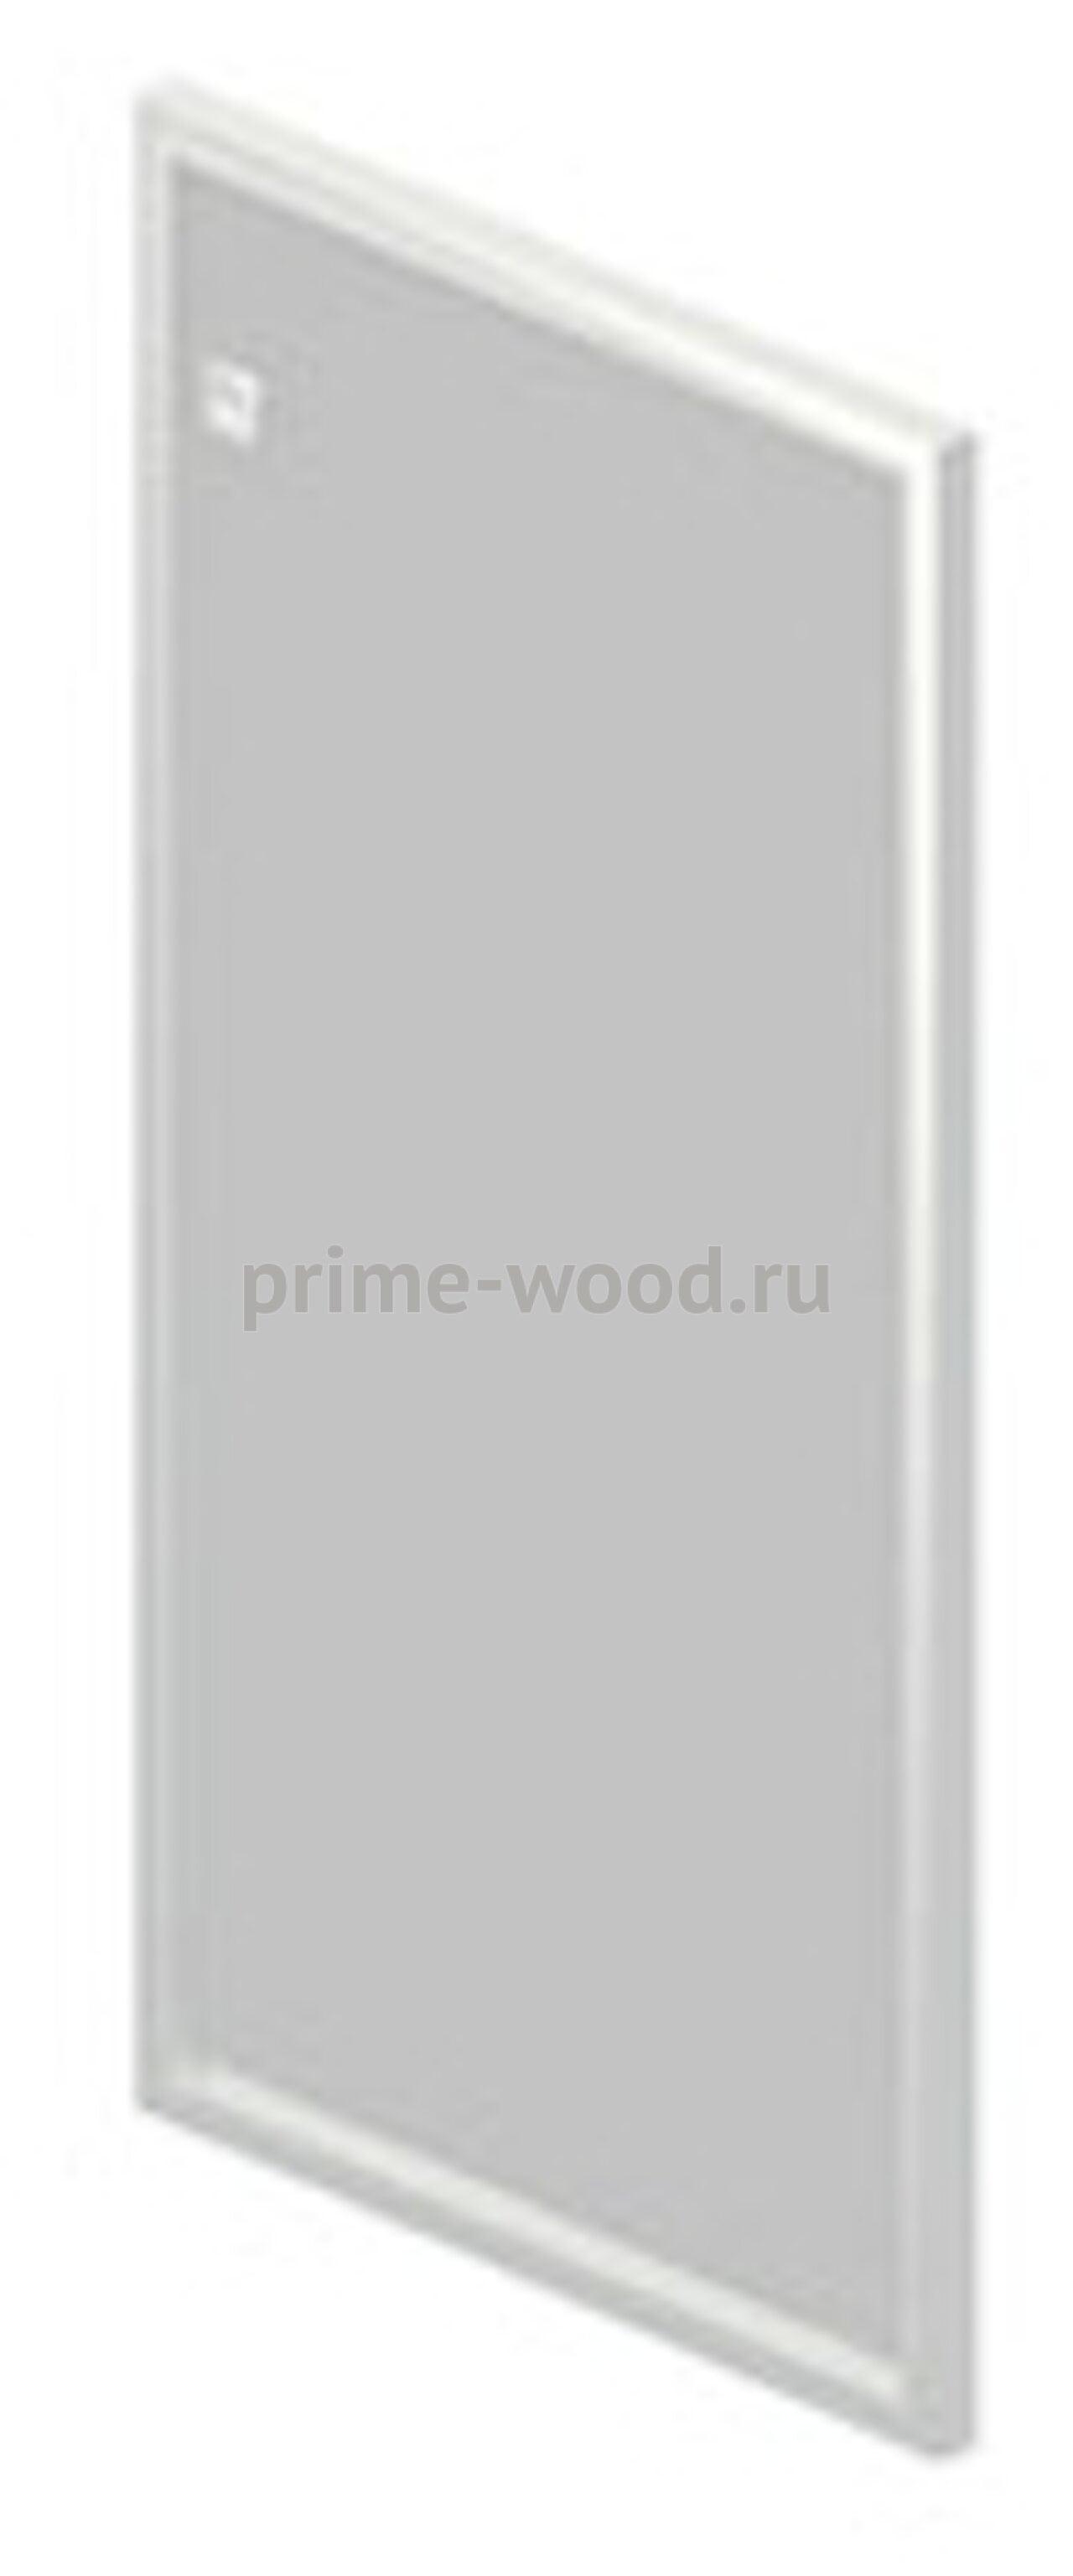 Дверь стеклянная в алюминиевой раме - фото 1